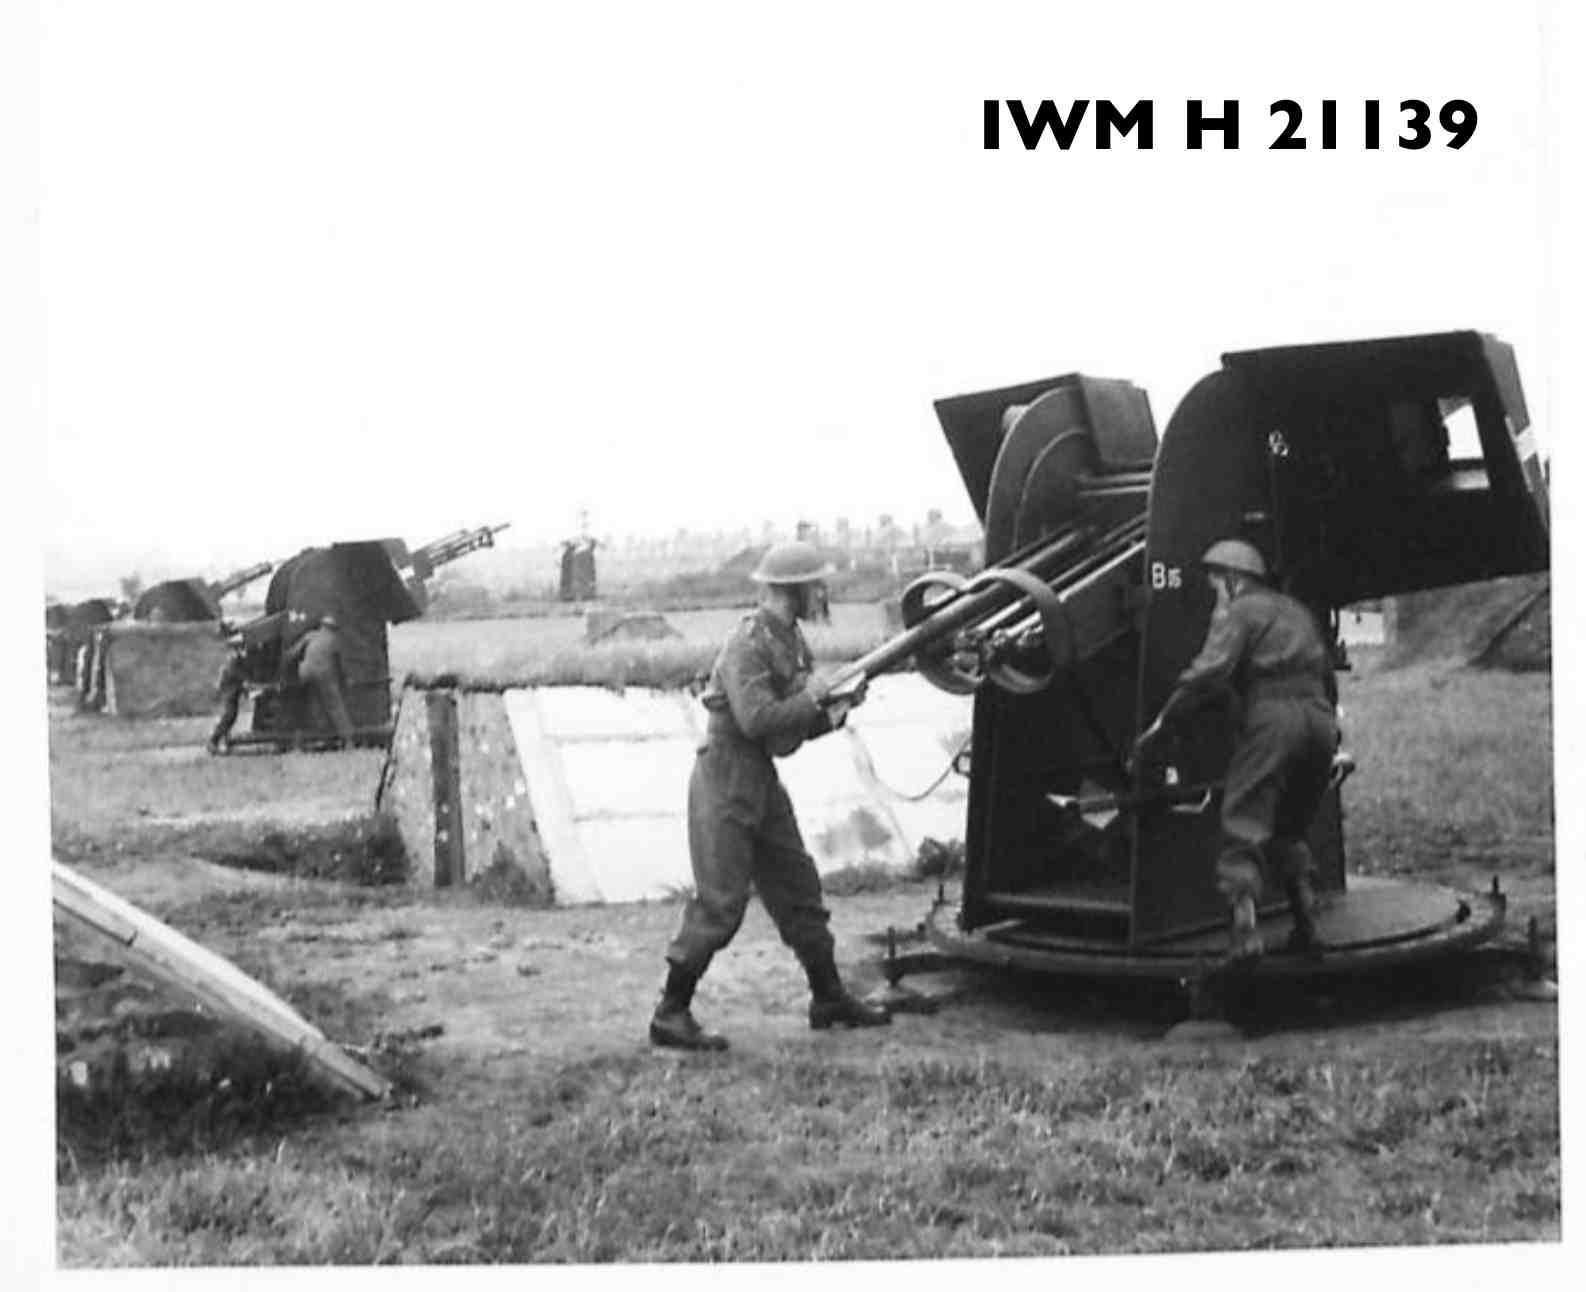 IWM H 21139.jpg